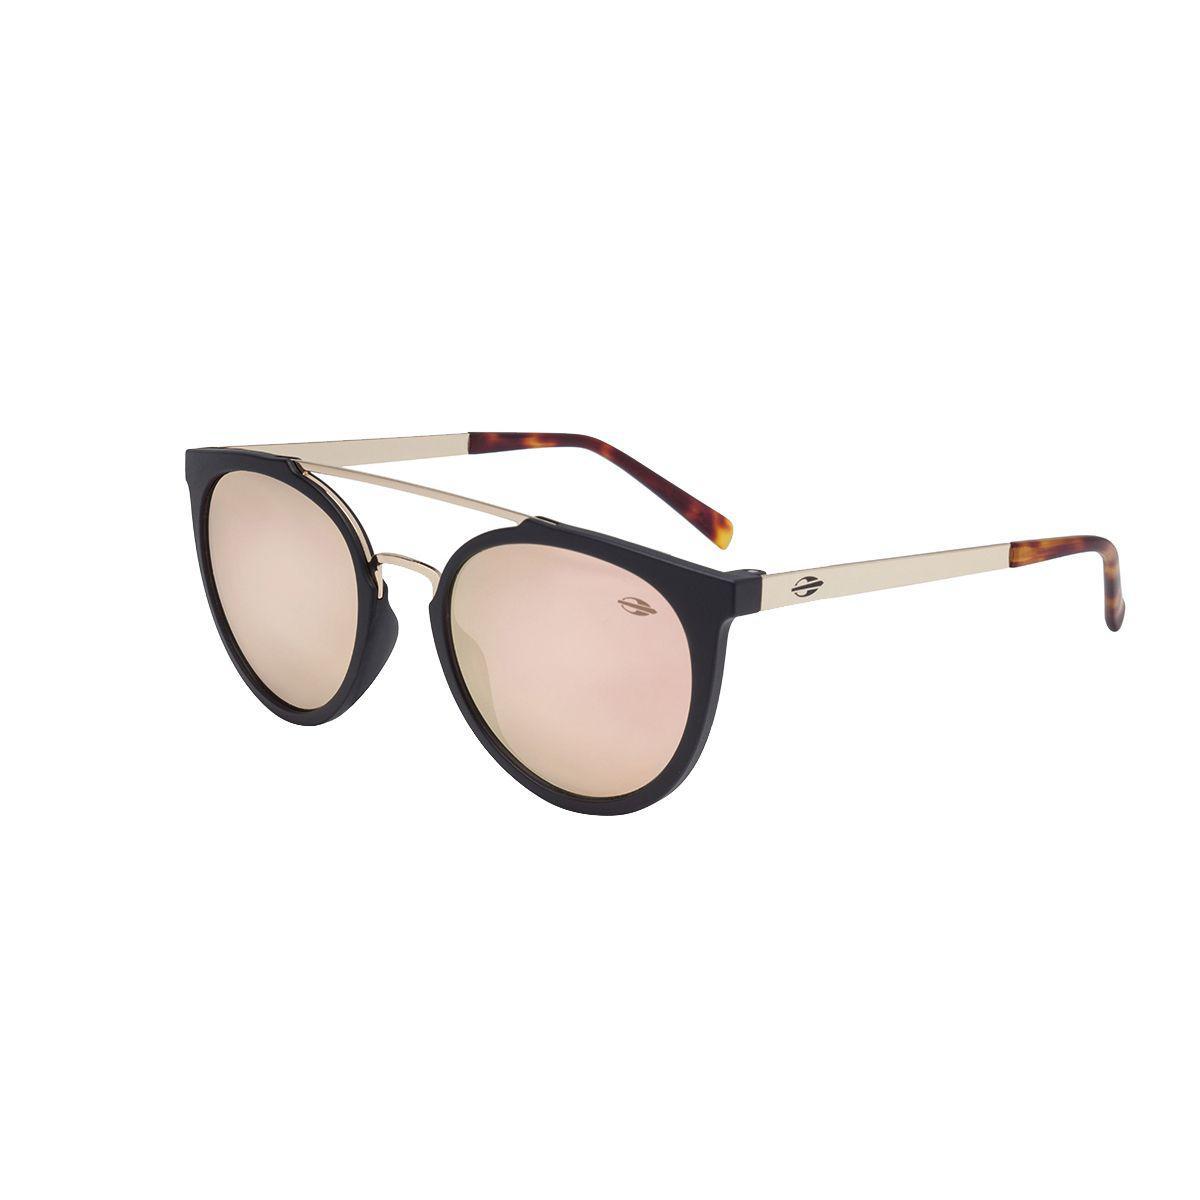 d44c294cfc902 Óculos De Sol Los Angeles Preto Fosco Lente Espelhada Rose Mormaii R   349,00 à vista. Adicionar à sacola